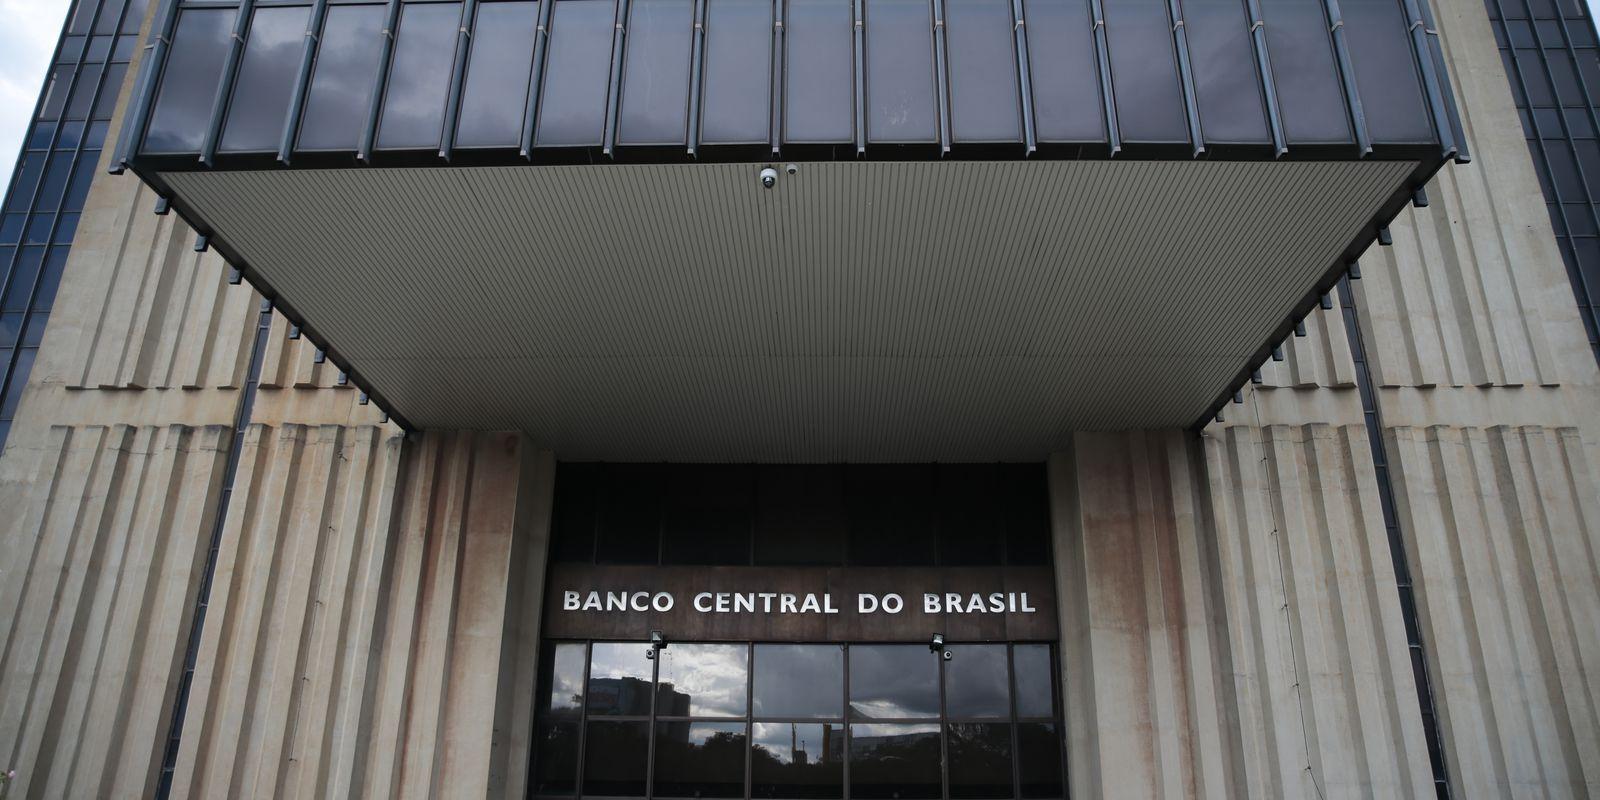 Edifício - sede do Banco Central do Brasil no Setor Bancário Norte